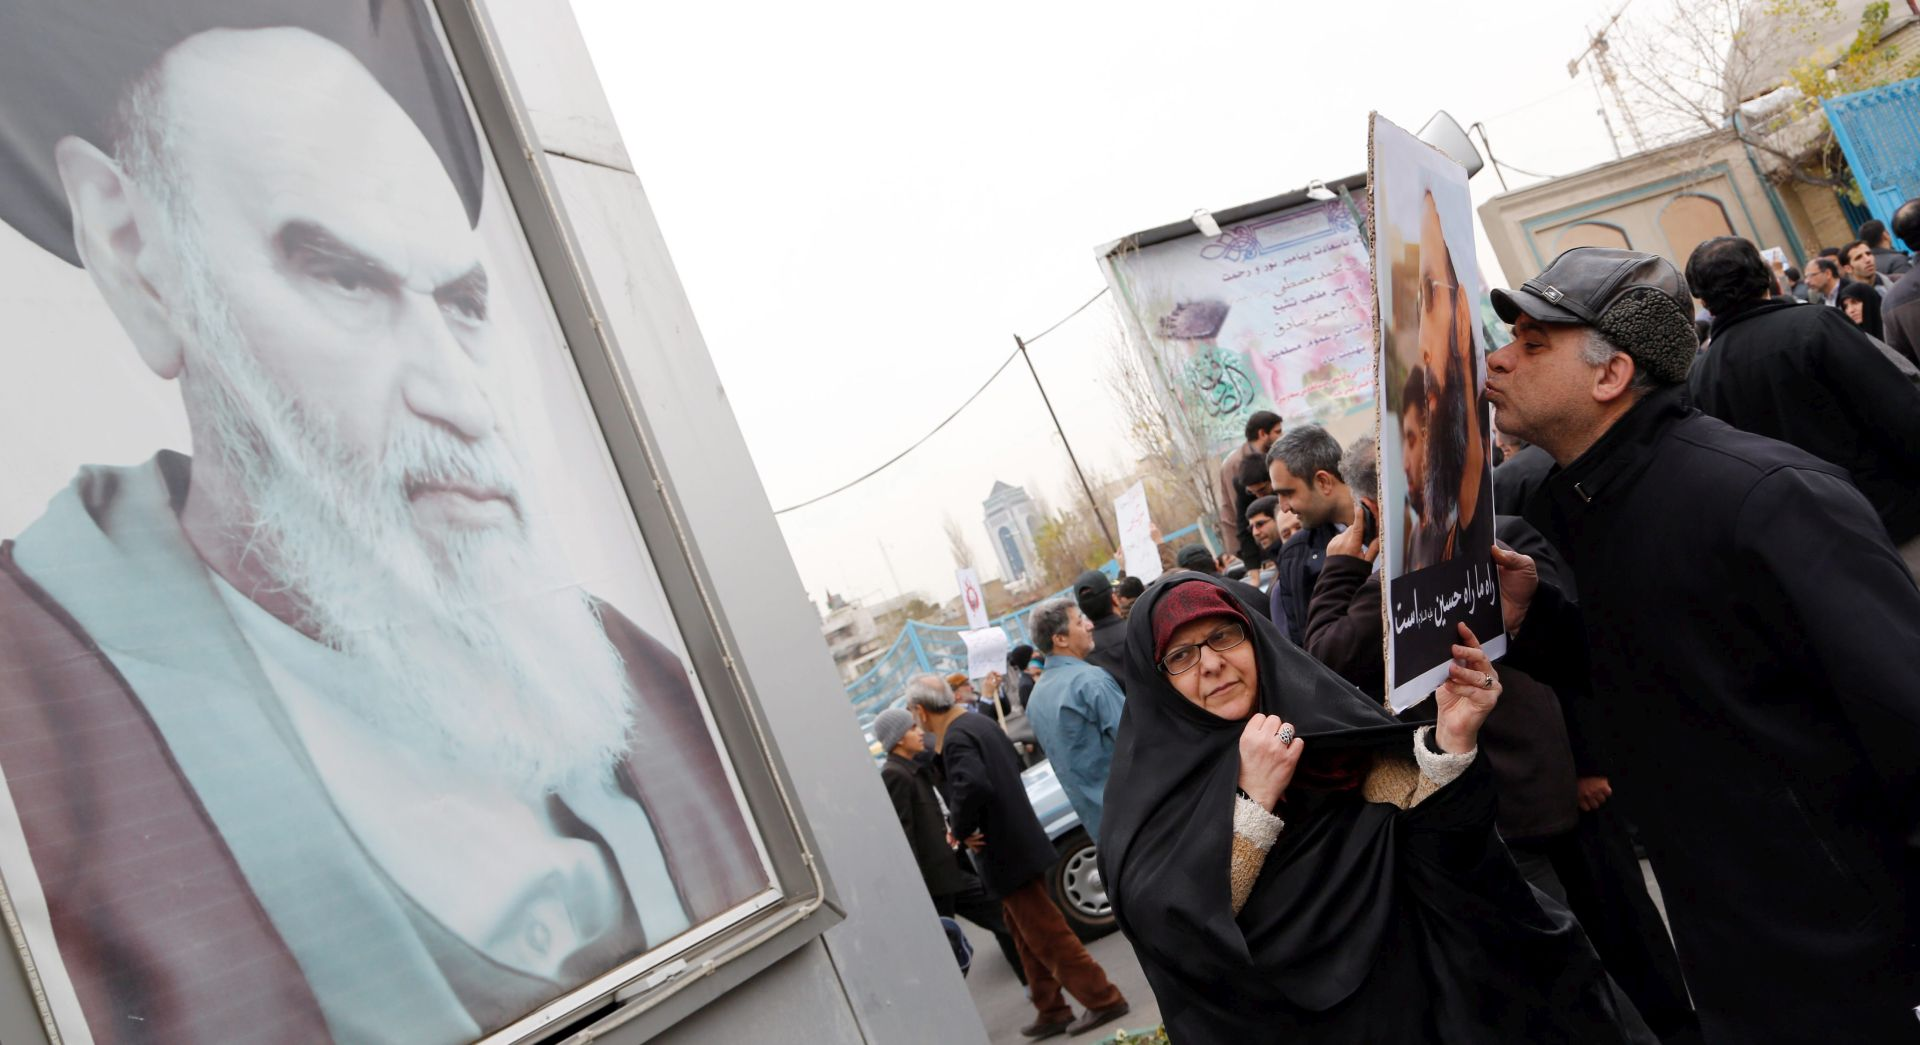 IRANSKI DUŽNOSNIK Nuklearni sporazum stupa na snagu u nedjelju